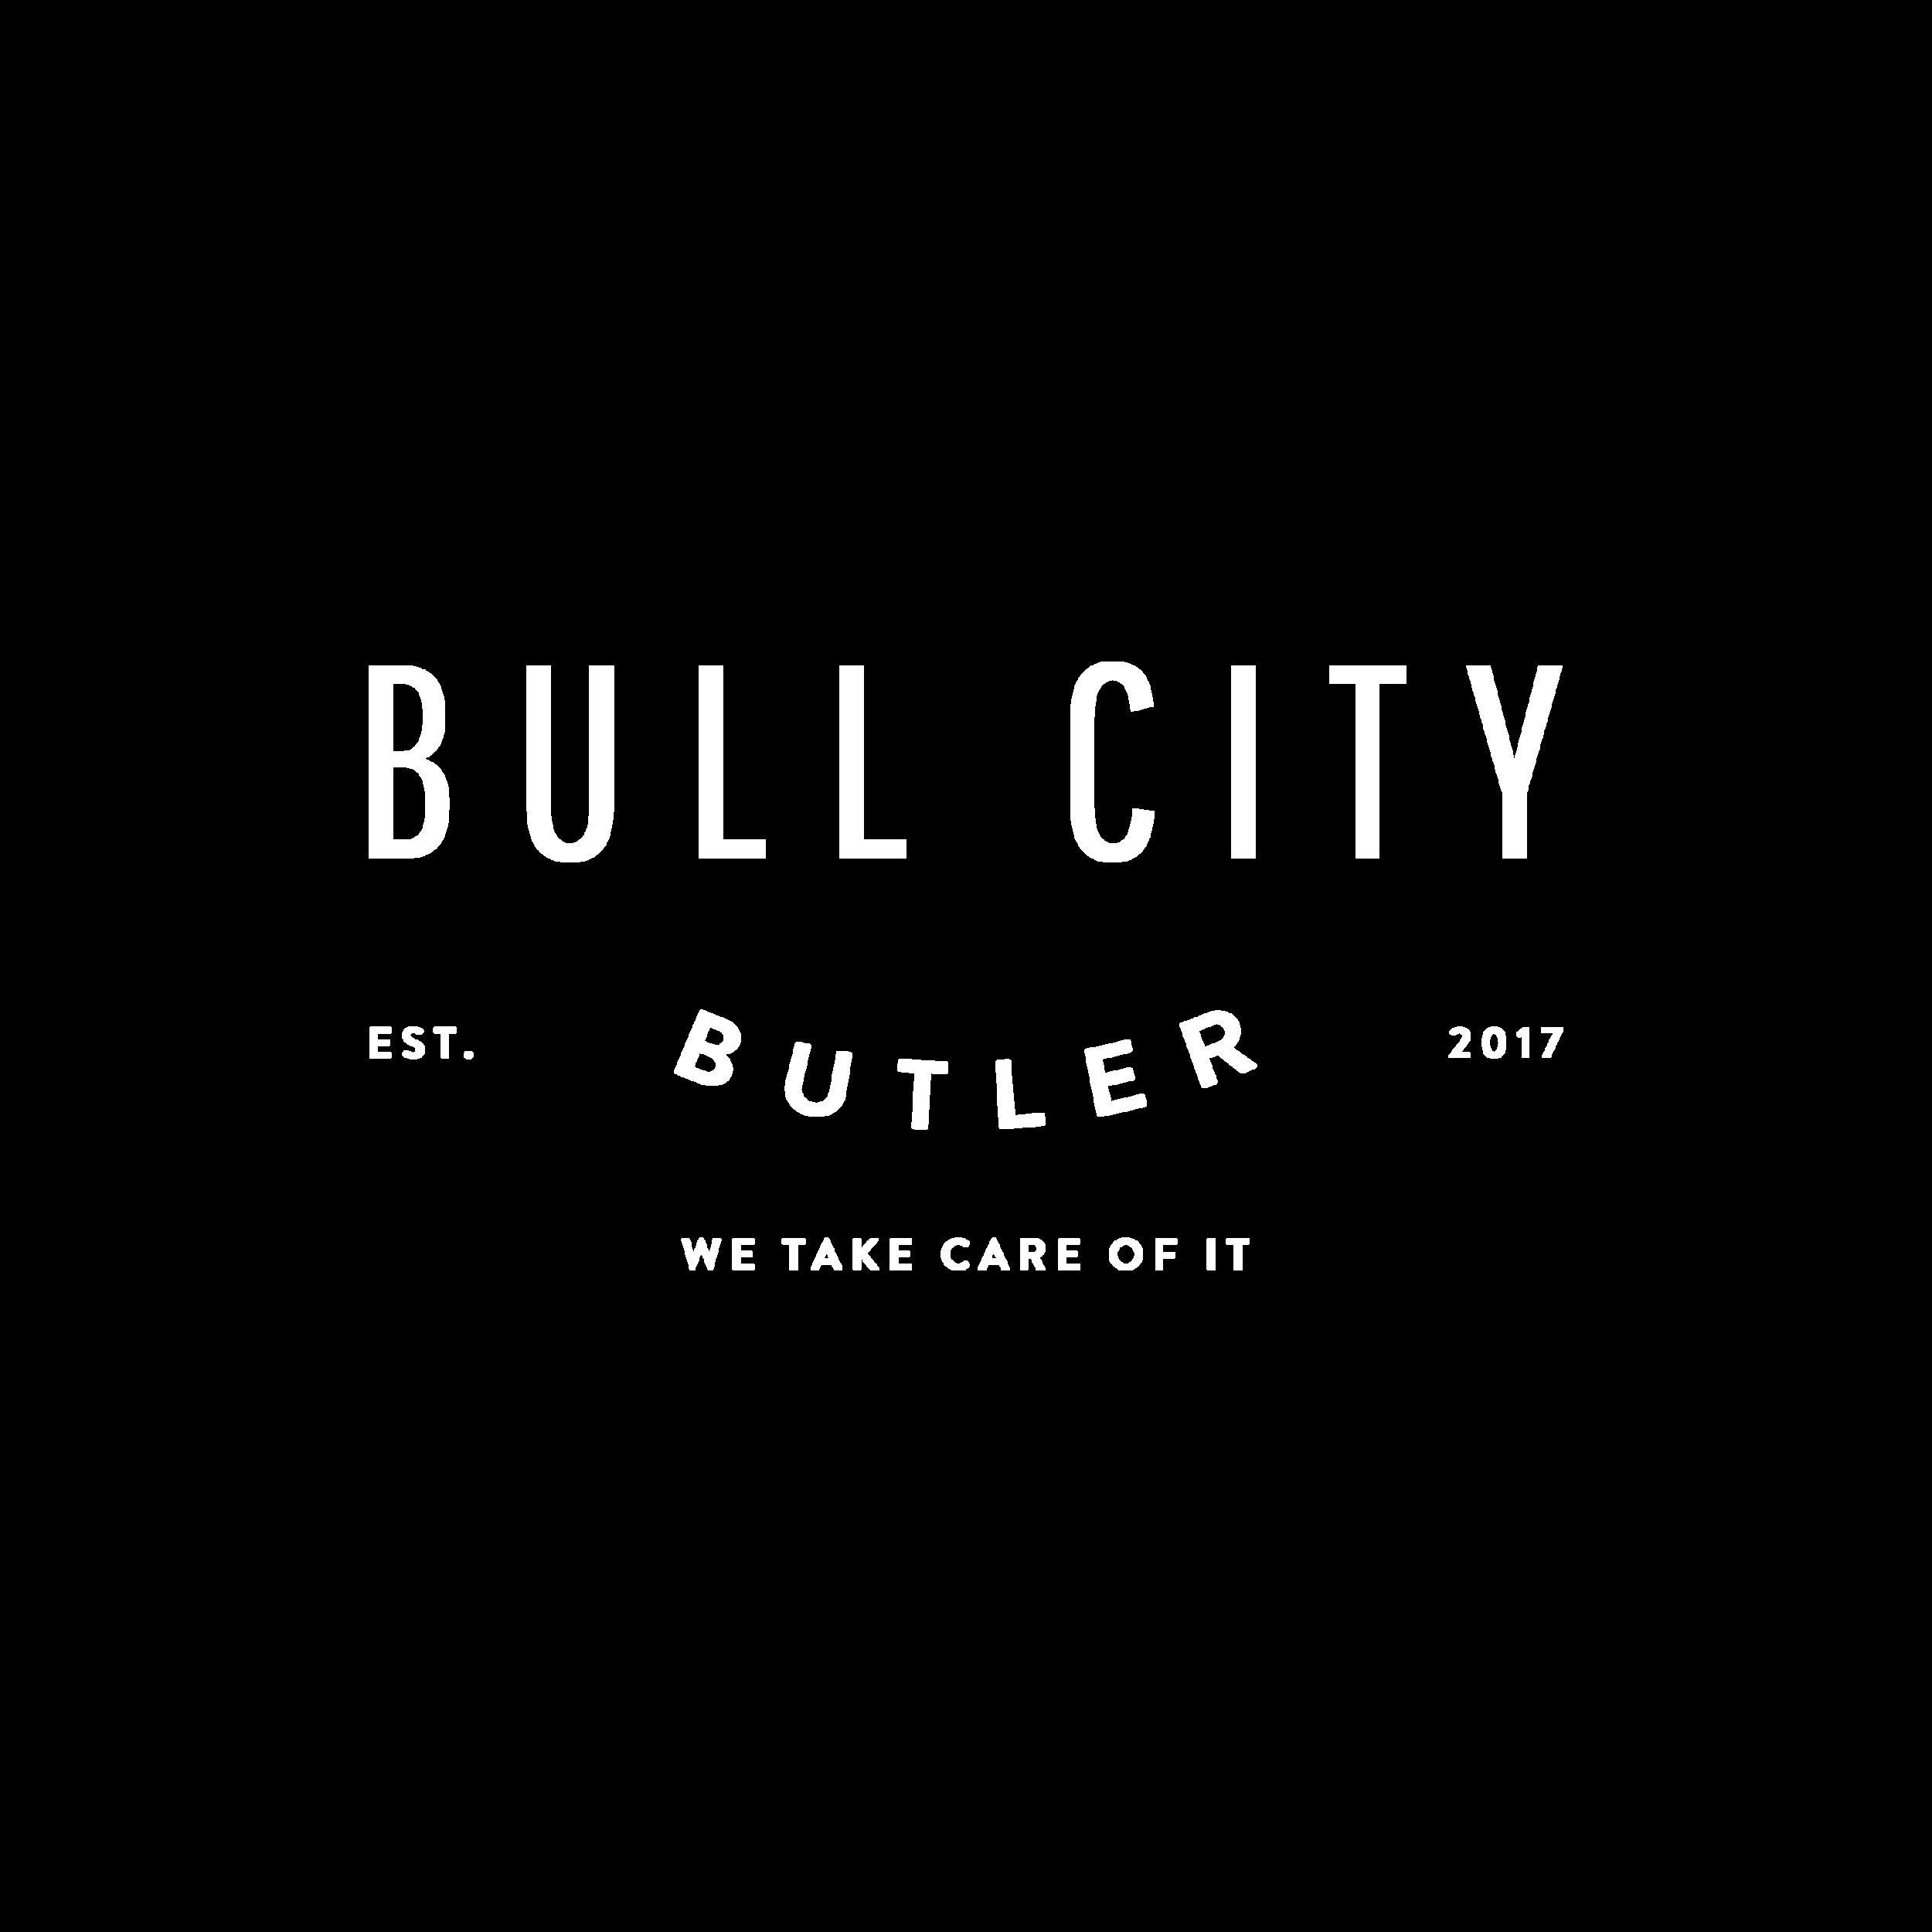 BULL CITY BUTLER.png